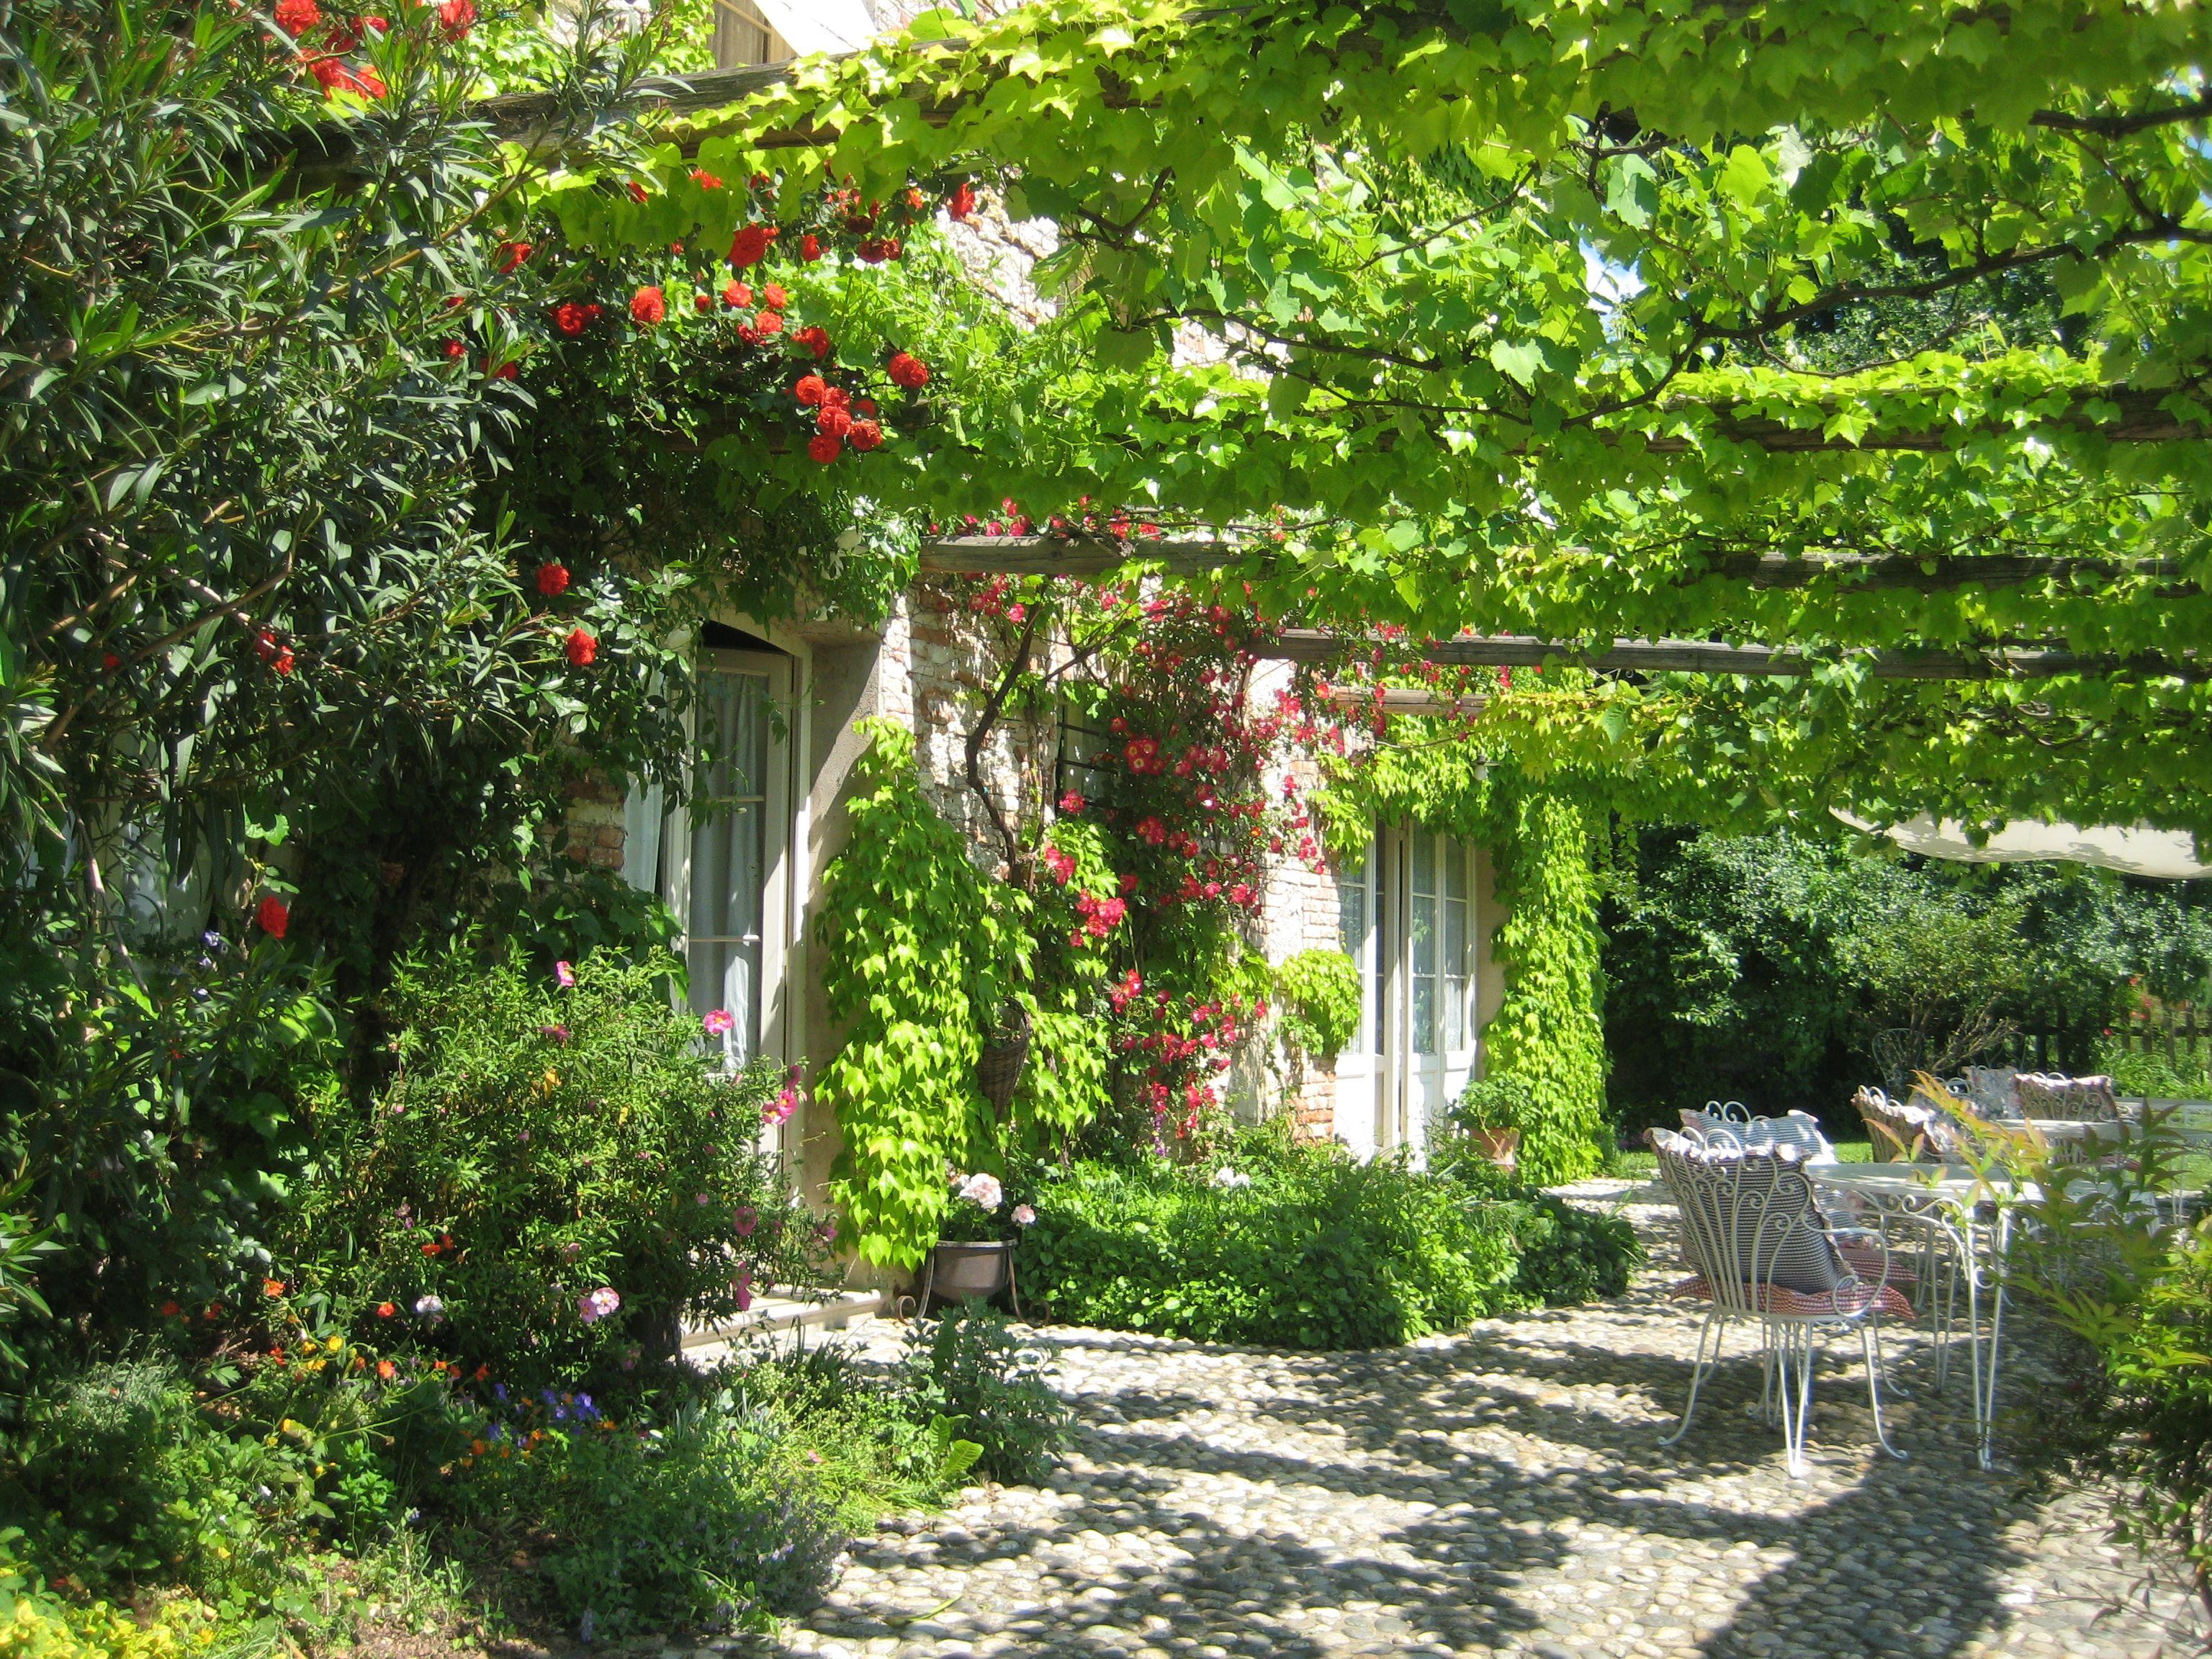 Le rose rampicanti sulla facciata di mescolano al verde